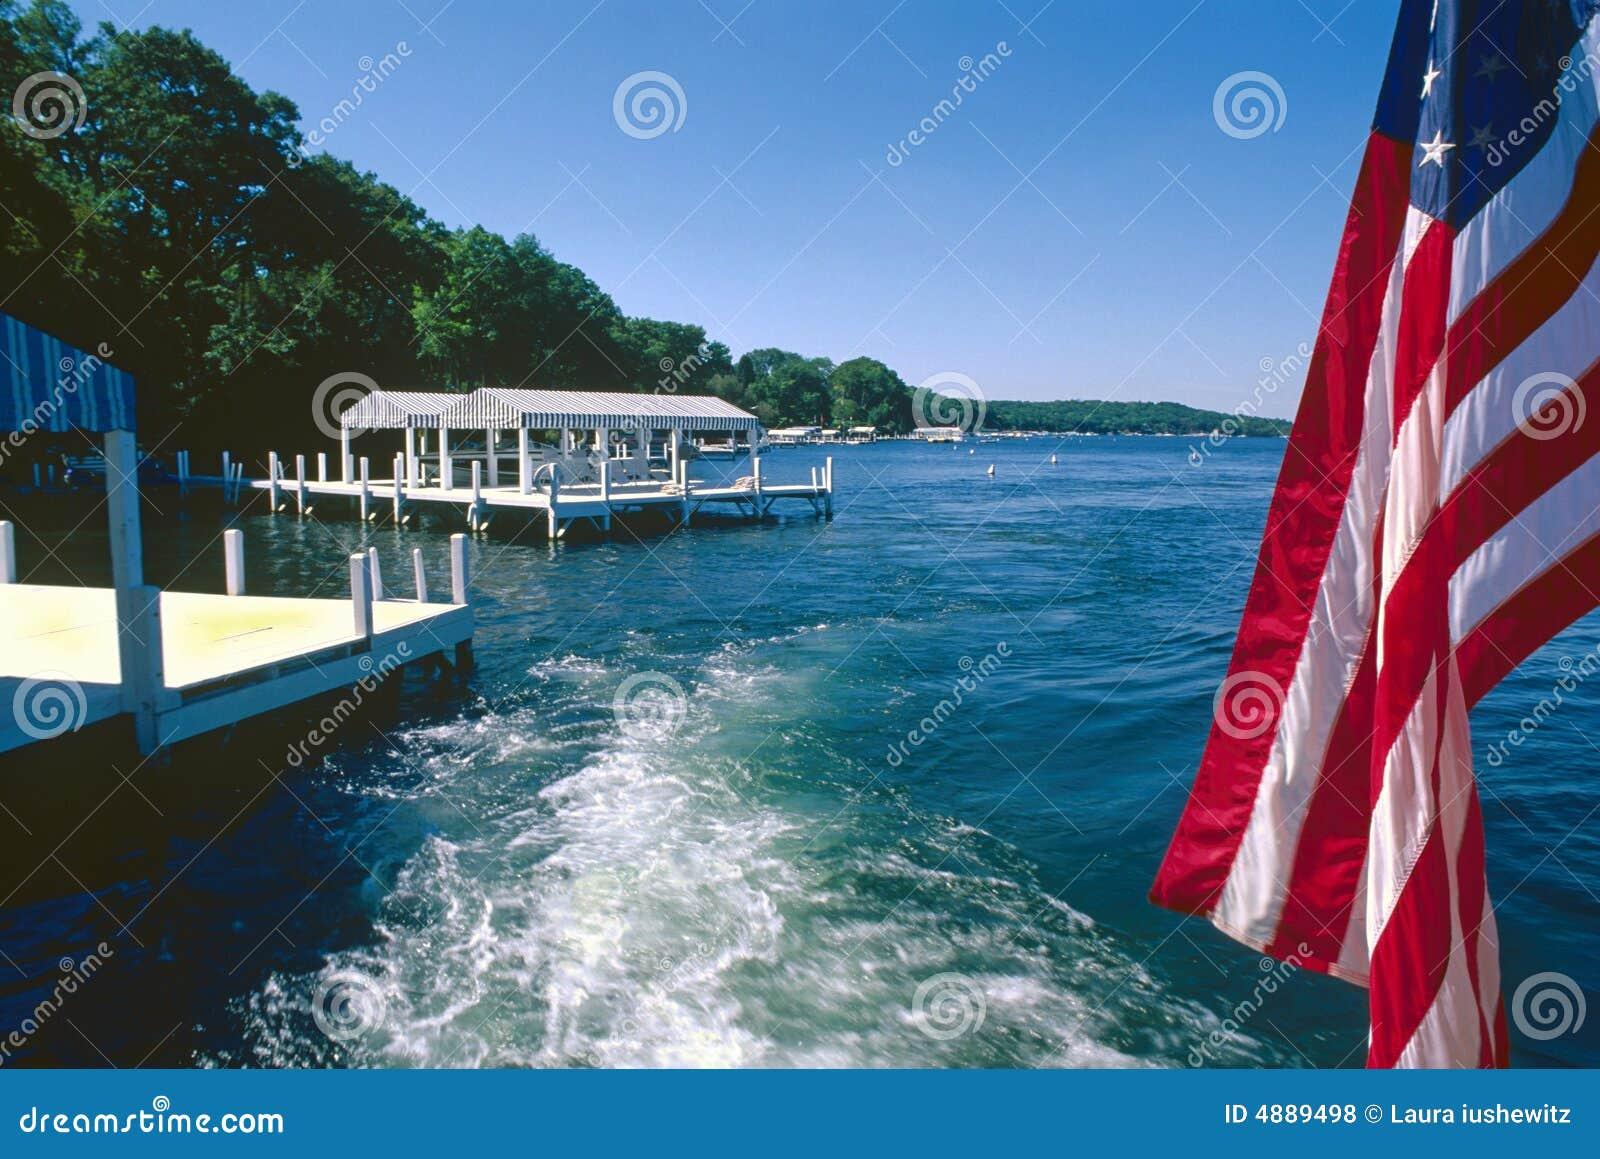 παλαιά ίχνη δόξας σημαιών βα&rho